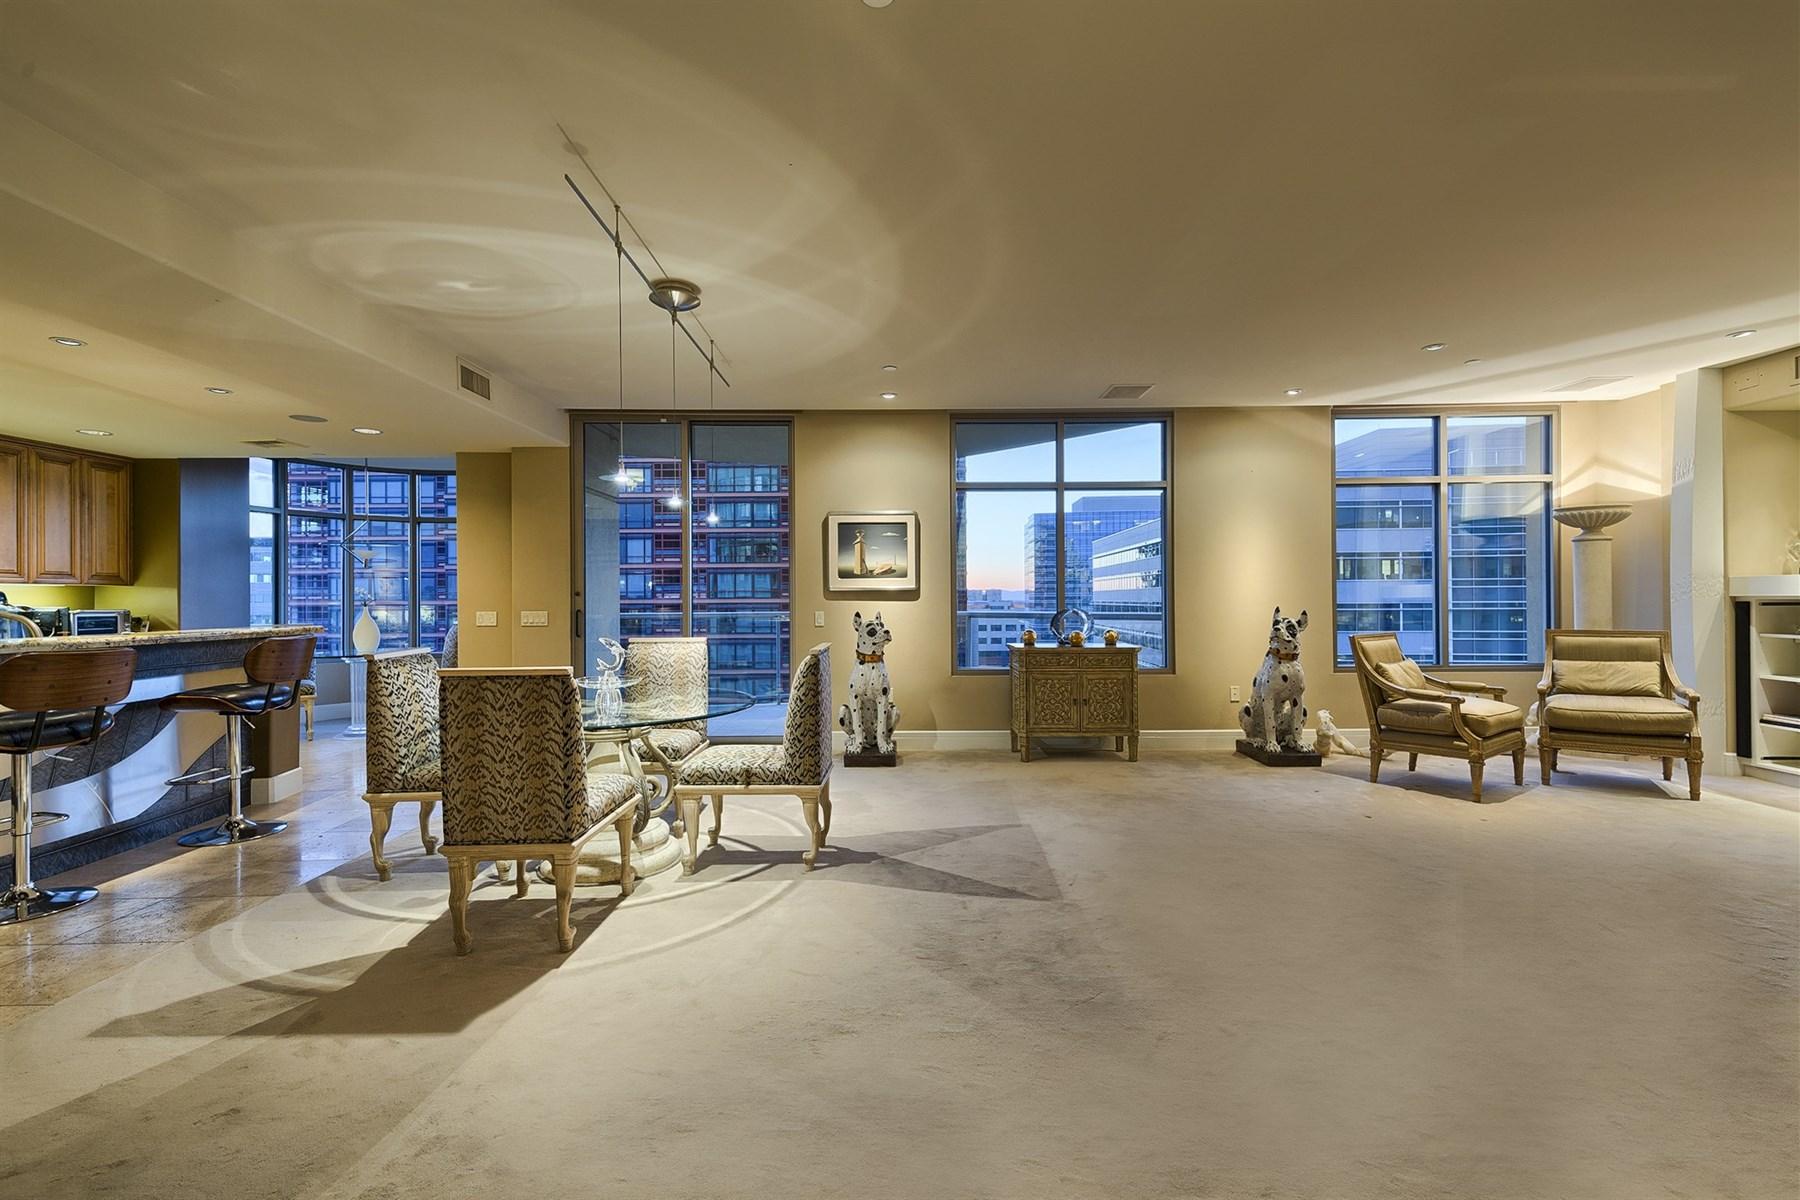 콘도미니엄 용 매매 에 One Of A Kind Dazzling Residence on 8th Floor at Prestigious Esplanade Place 2402 E Esplanade Lane #801 Phoenix, 아리조나 85016 미국